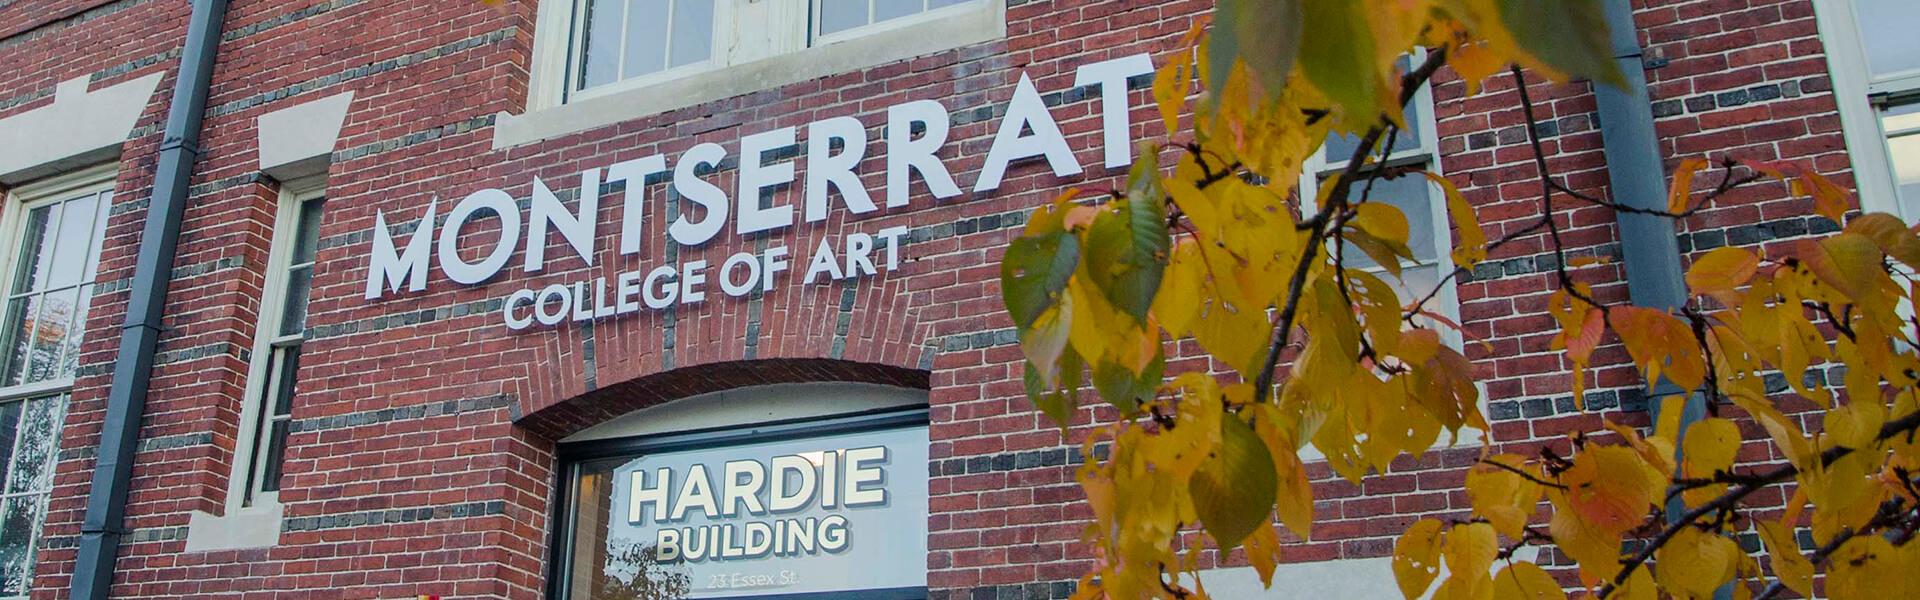 Hardie building, fall